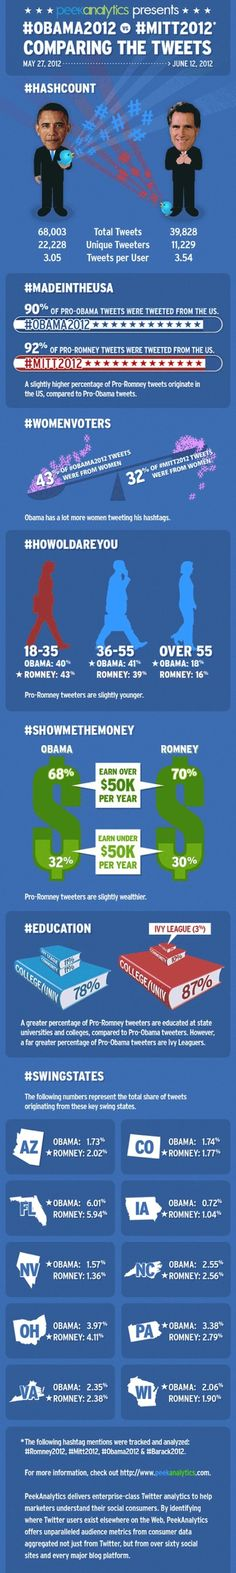 Este infográfico también recoge la estrategia en redes sociales de ambos candidatos y cómo el papel de Obama en éstas fue determinante.